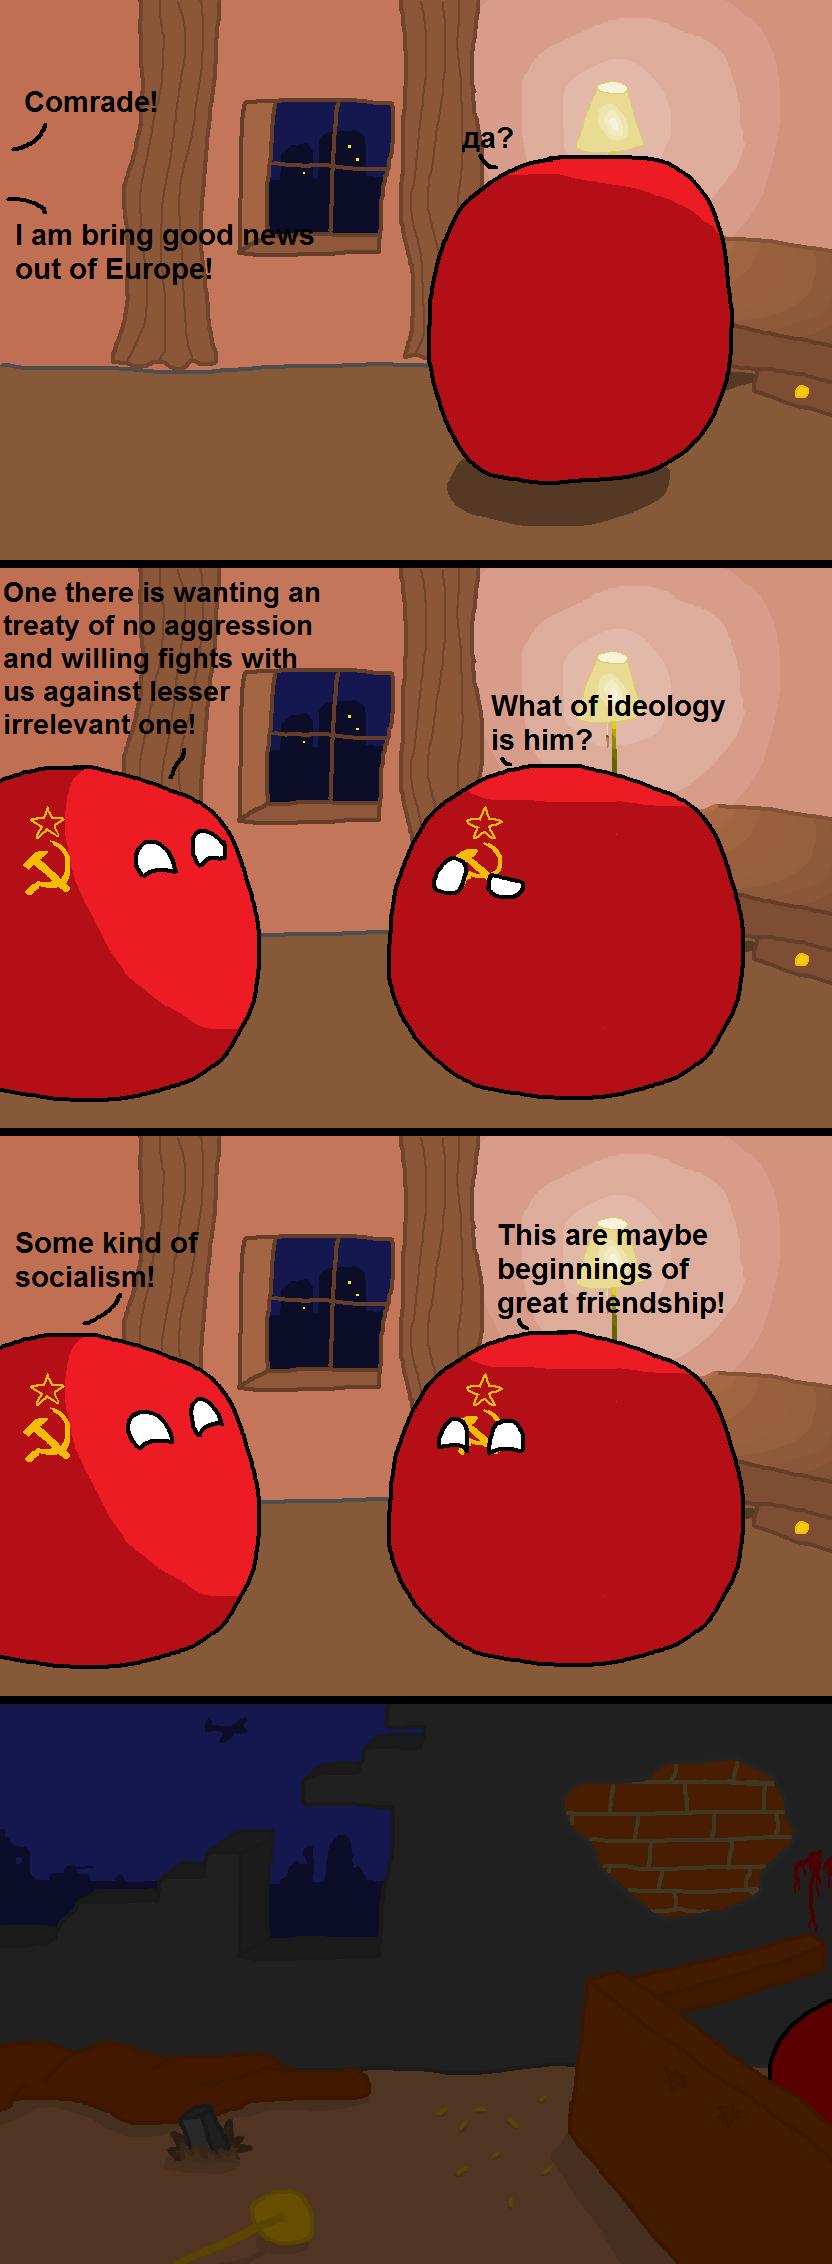 Socialist Friends